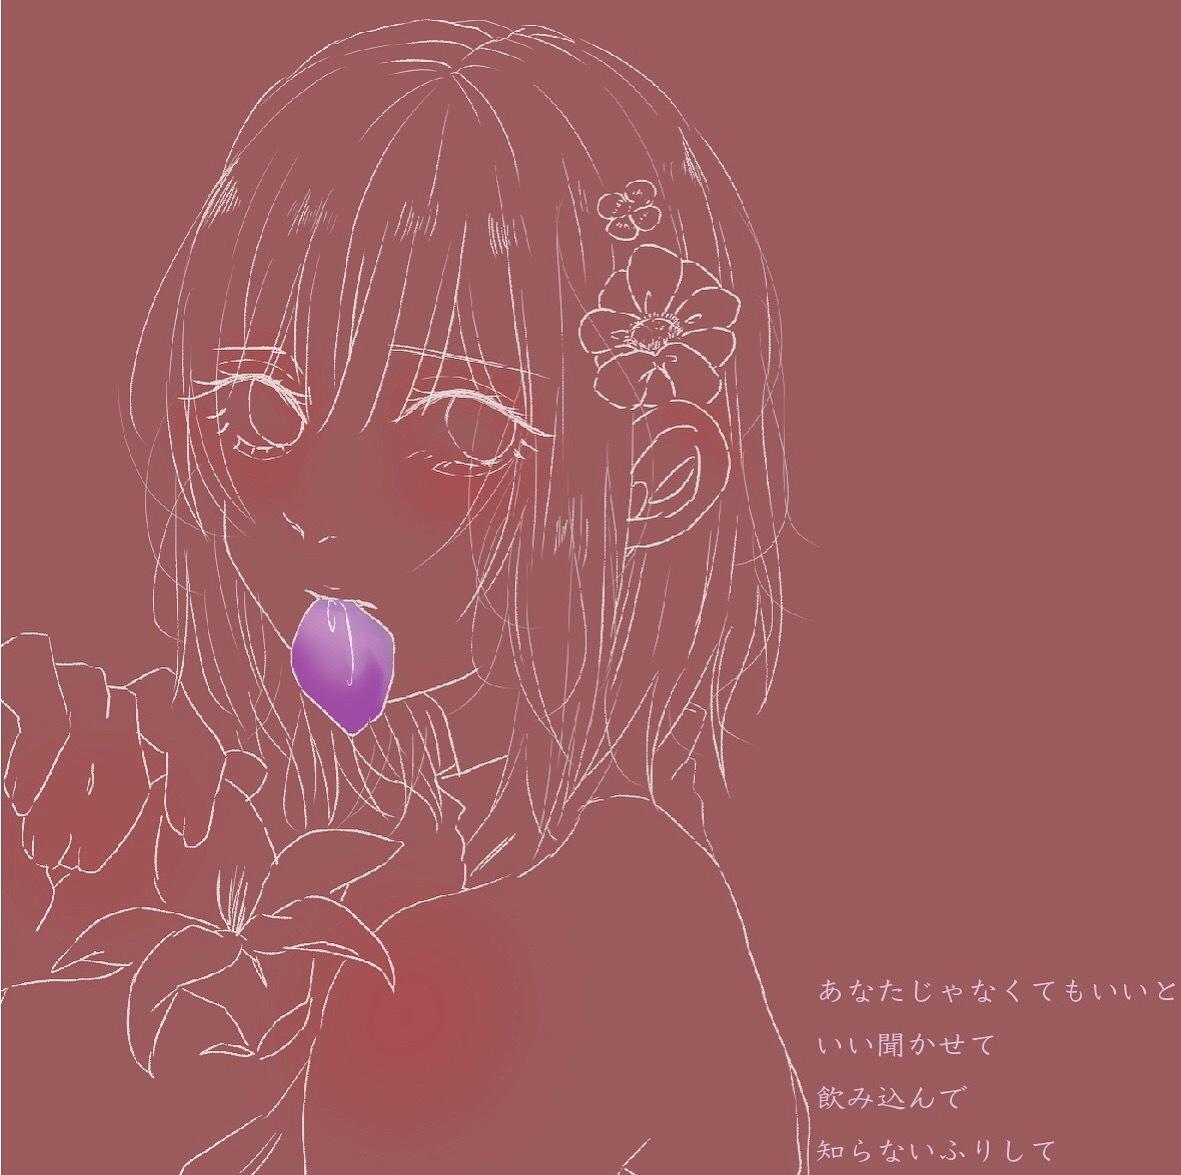 似顔絵描きます 現役芸大生による似顔絵描き!!!